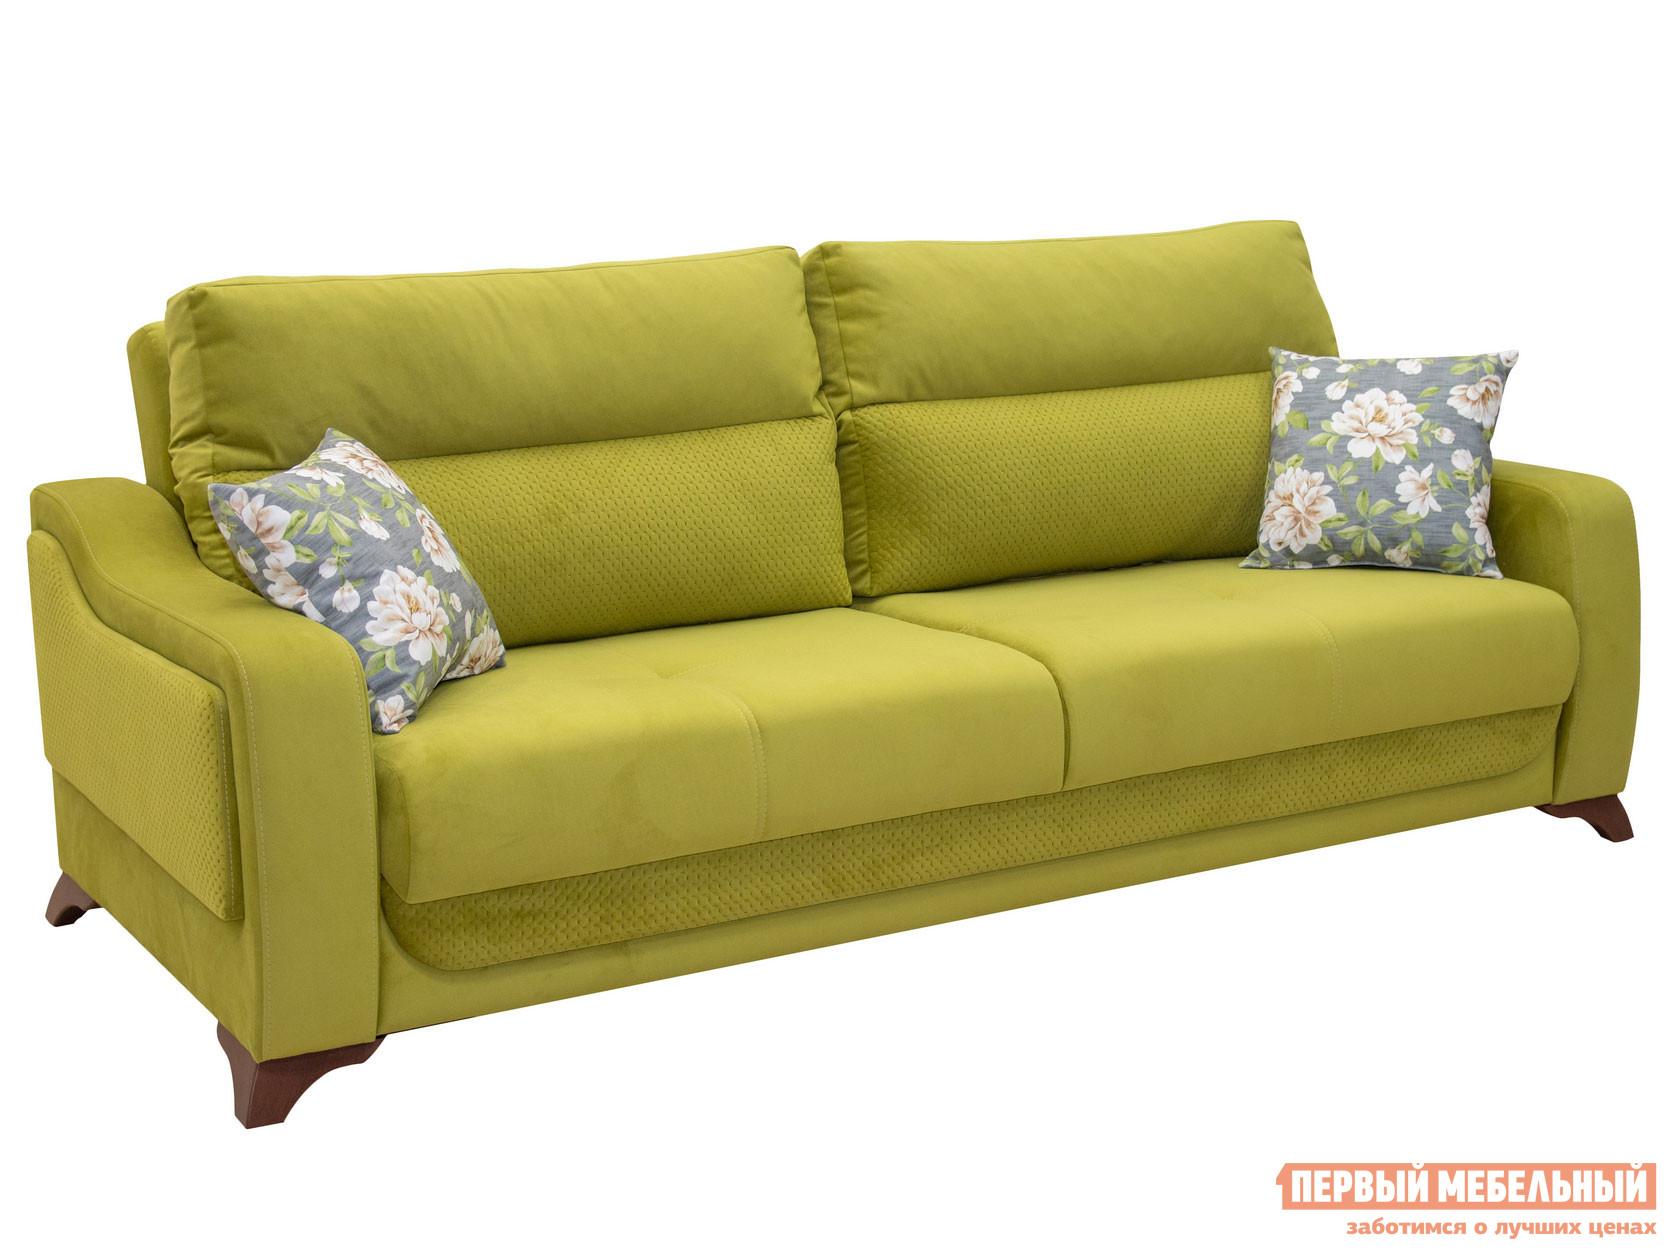 Прямой диван Первый Мебельный Фрея диван-кровать